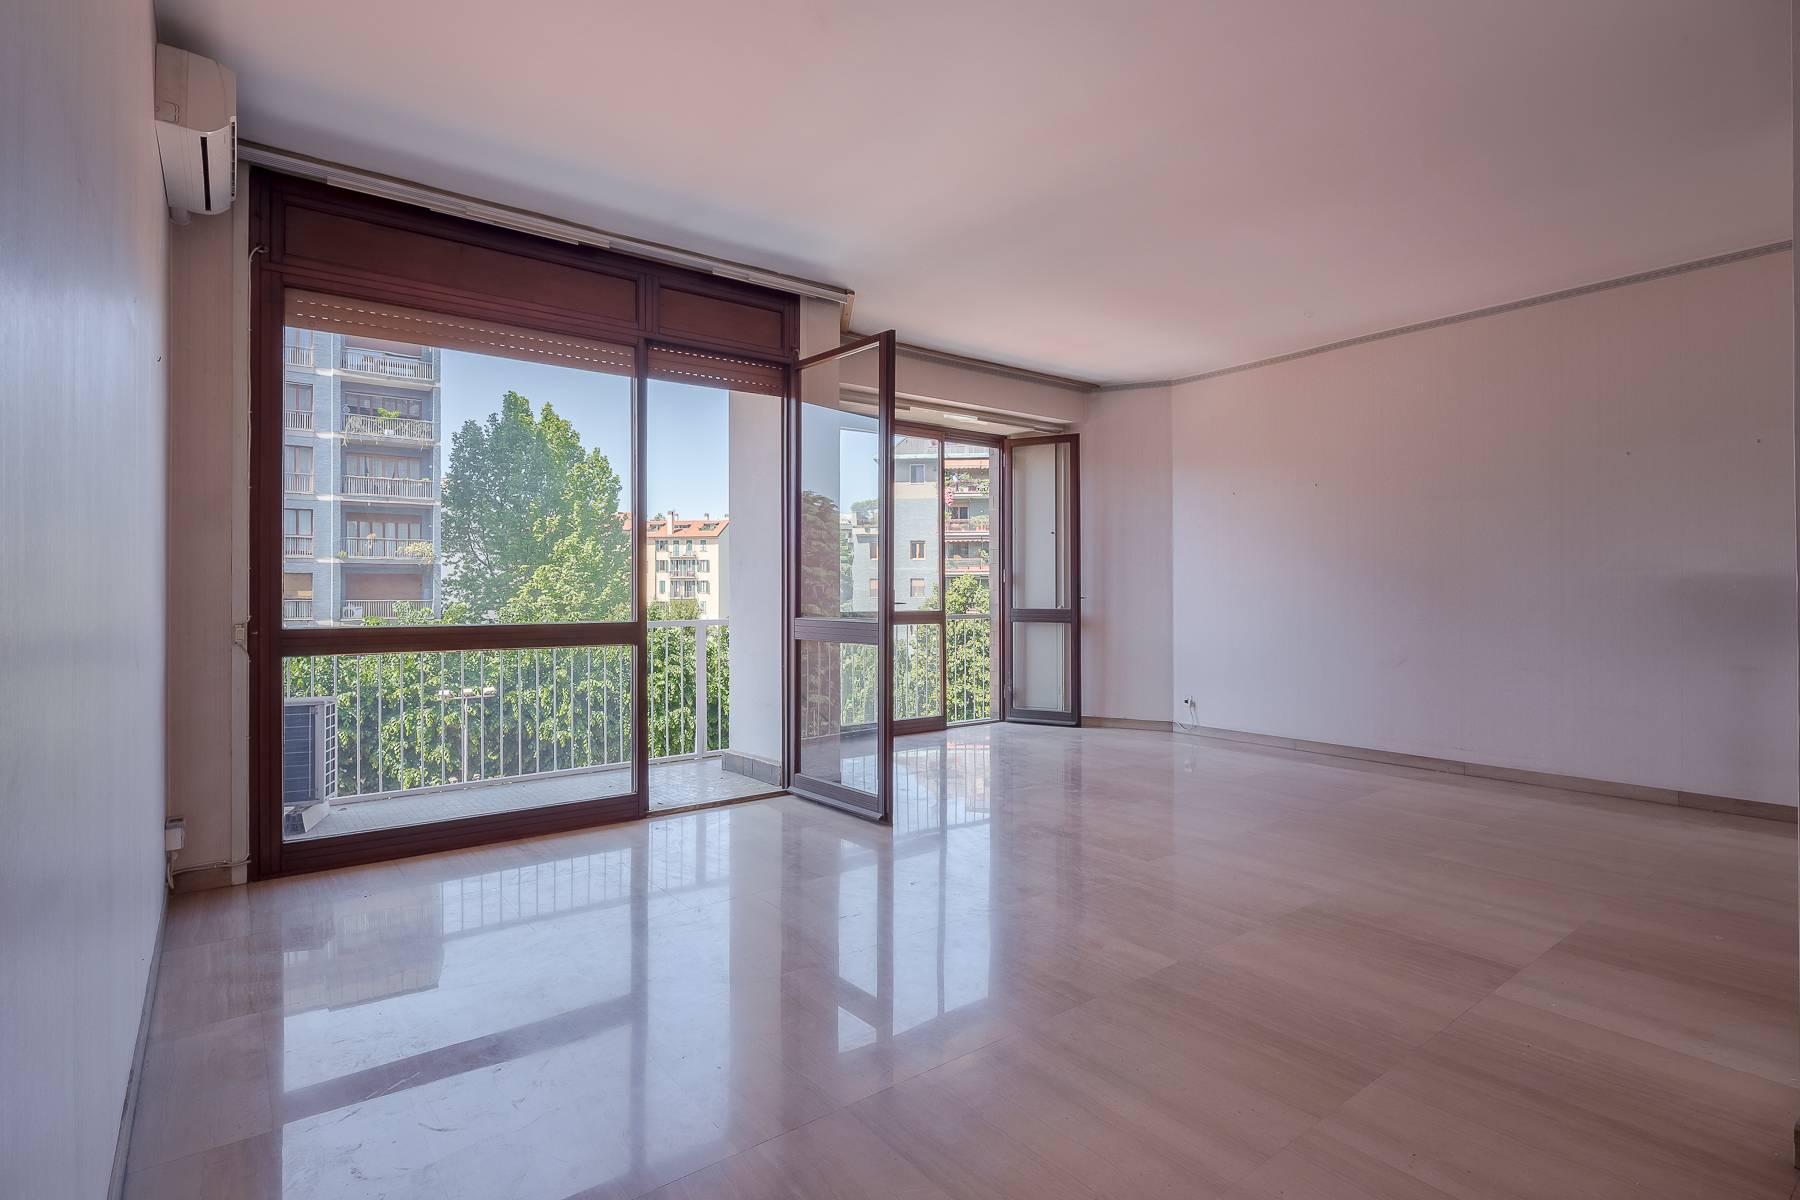 Appartamento in Vendita a Milano: 5 locali, 150 mq - Foto 12